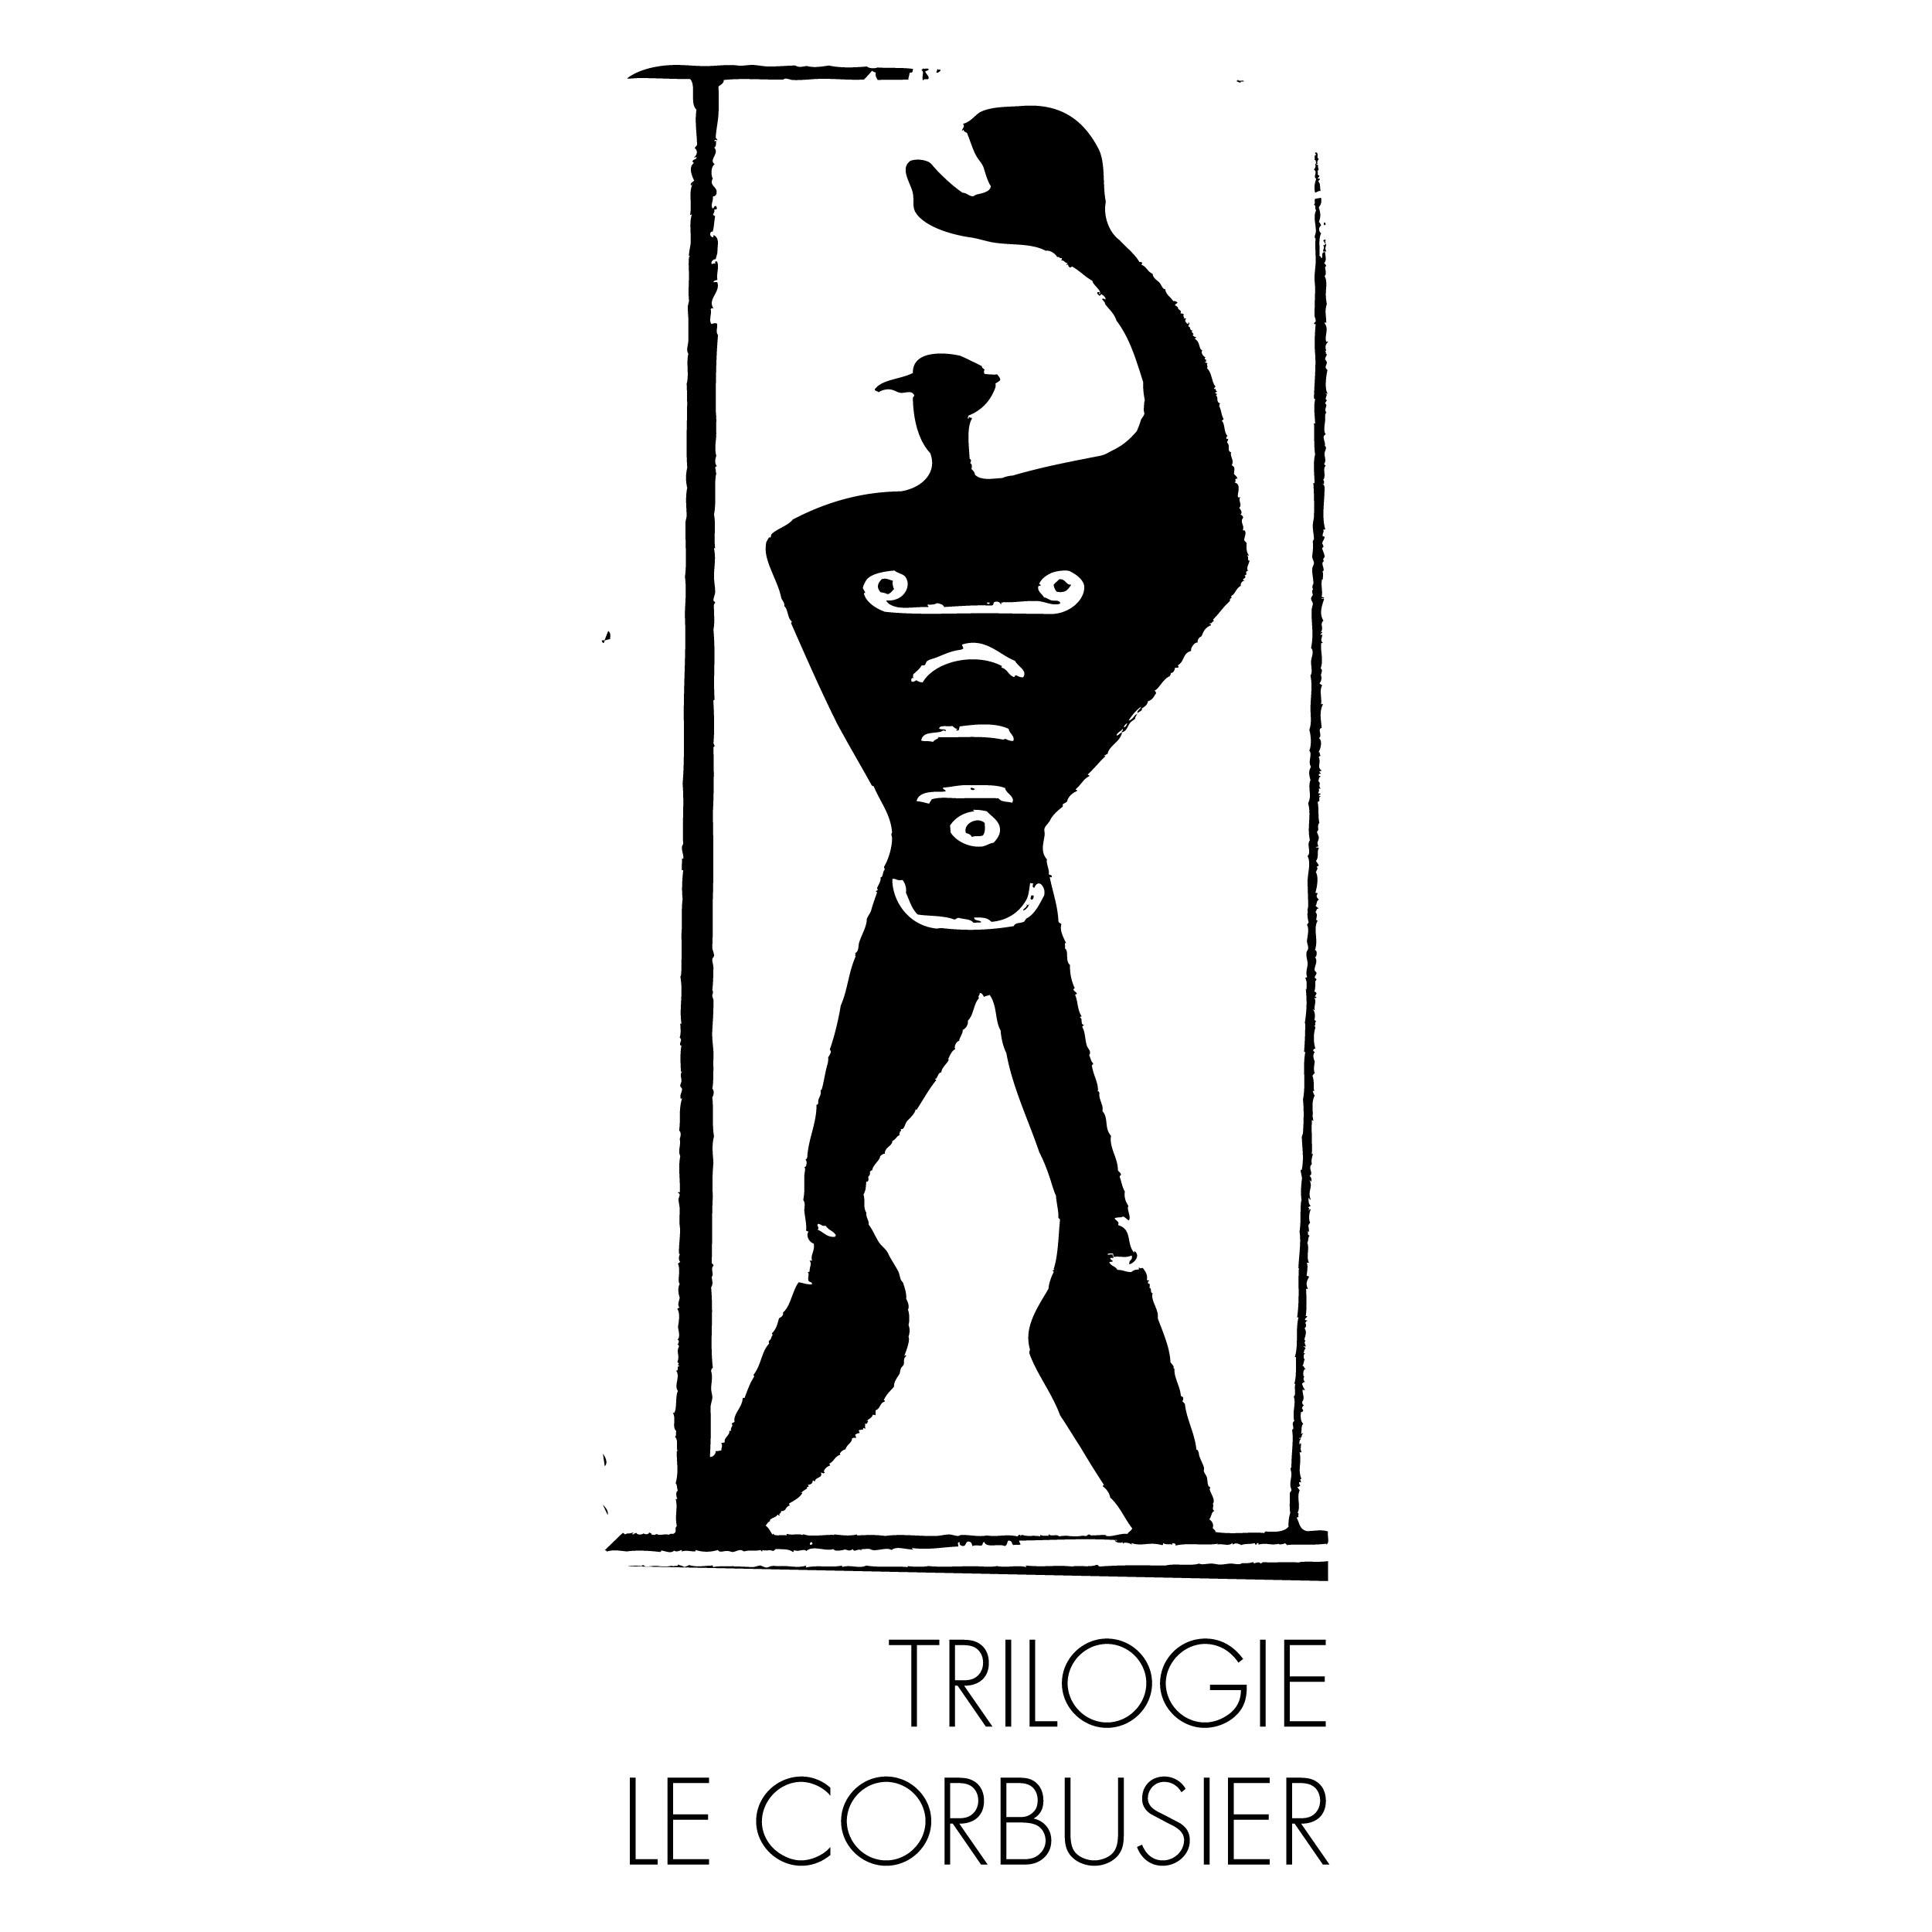 Развитие творчества ле корбюзье, 1953—1964. зигфрид гидион | ле корбюзье | le corbusier | totalarch